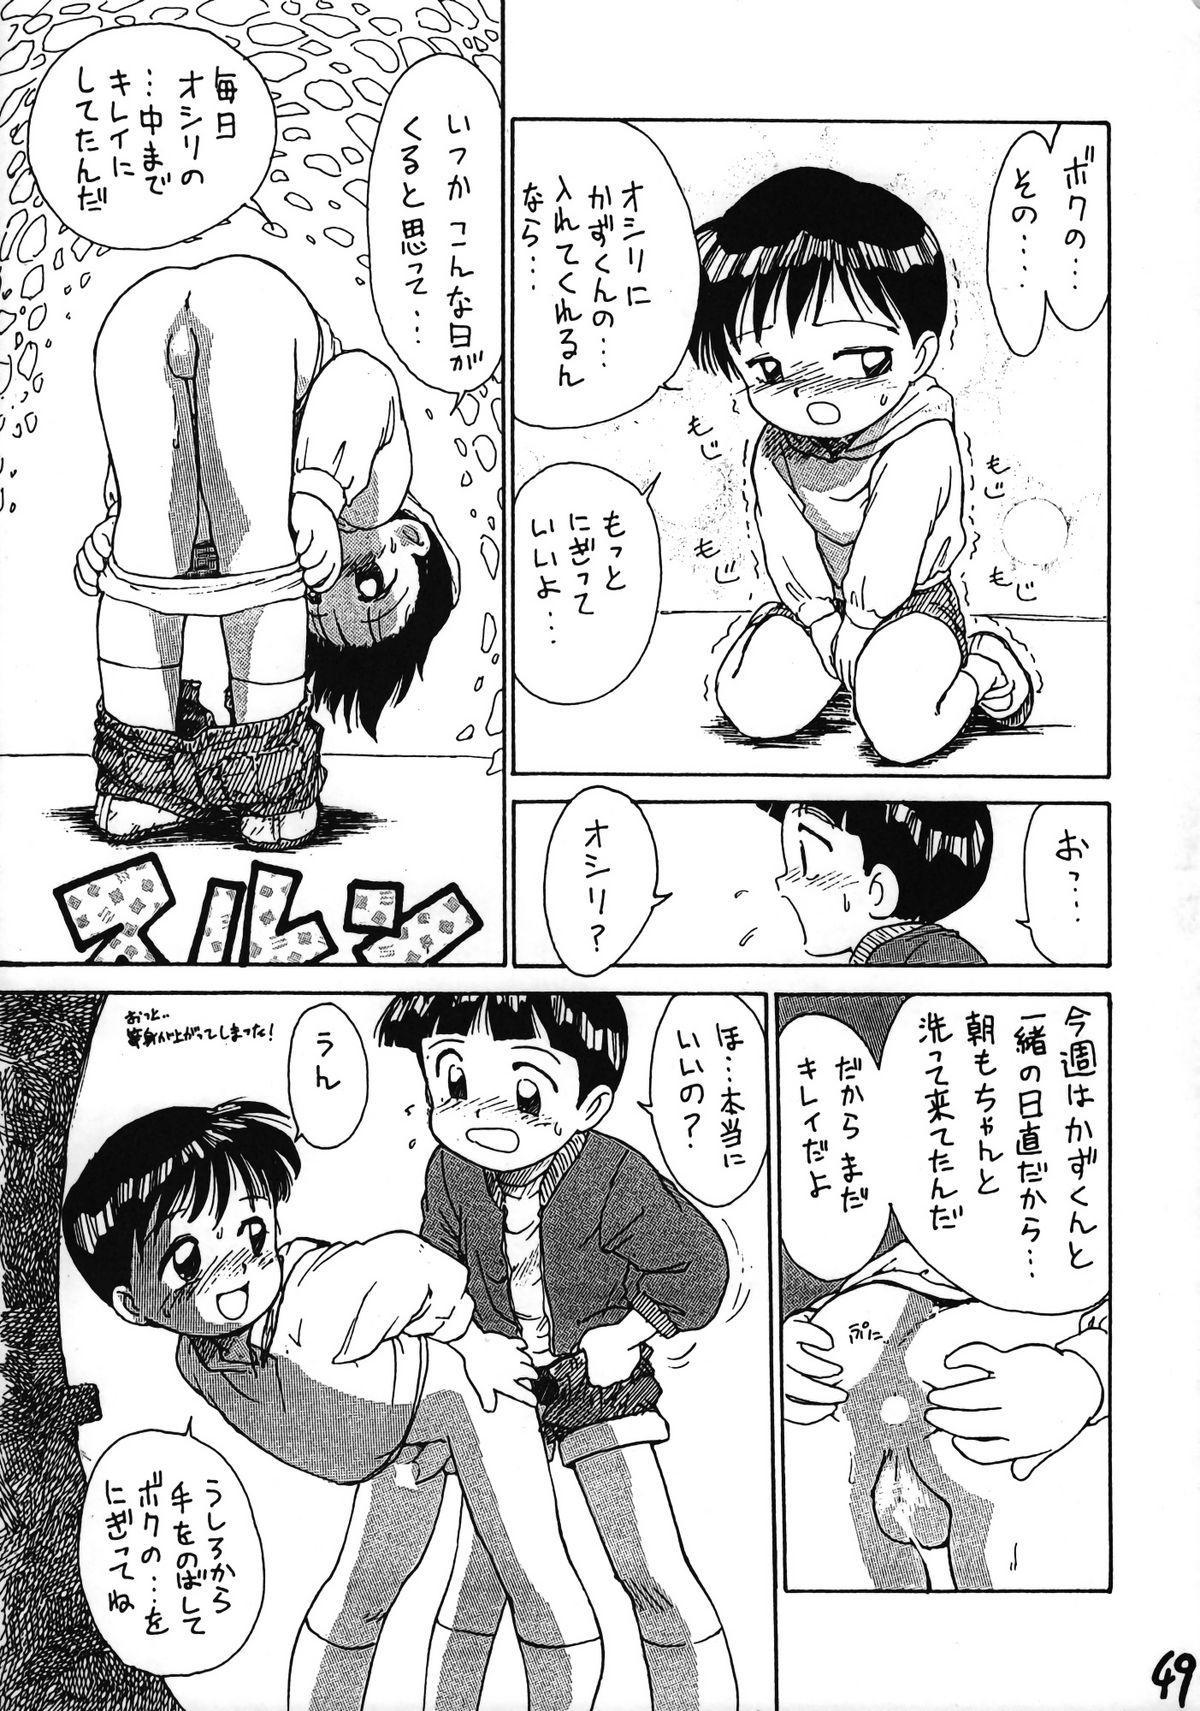 Ikenai! Otokonoko Hon Boy's H Book 2 49